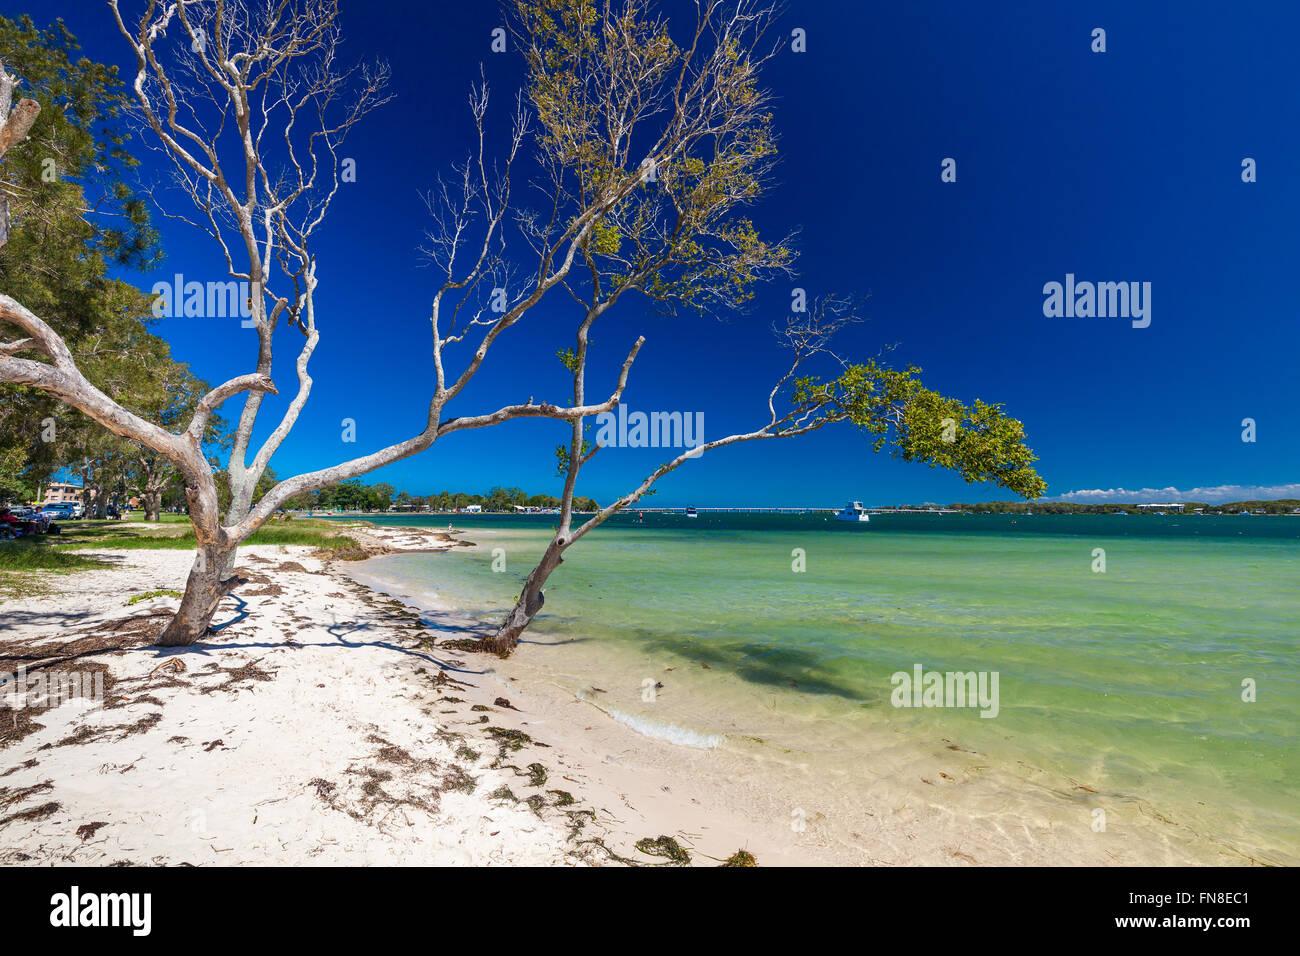 BRIBIE ISOLA, AUS - Feb 14 2016: spiaggia con alberi sul lato ovest dell isola Bribie, Queensland, Australia Immagini Stock